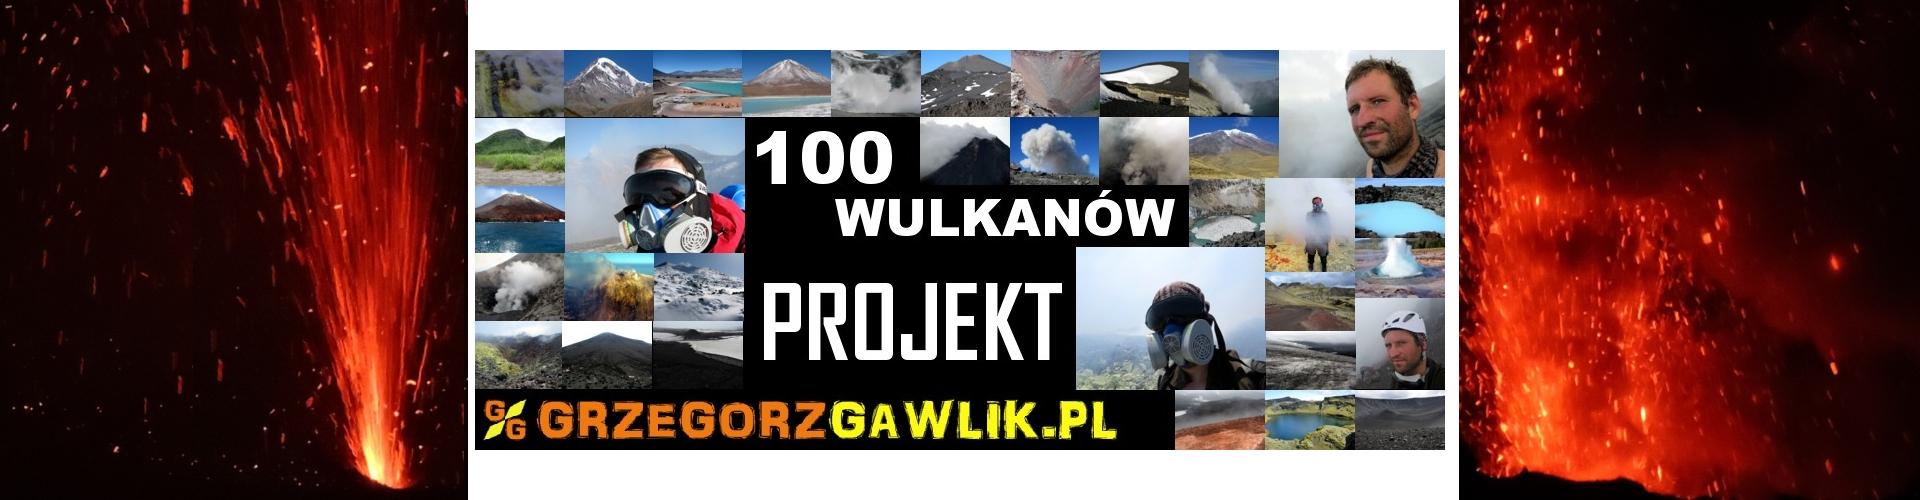 slider-o-mnie-projekt-100-wulkanow-2